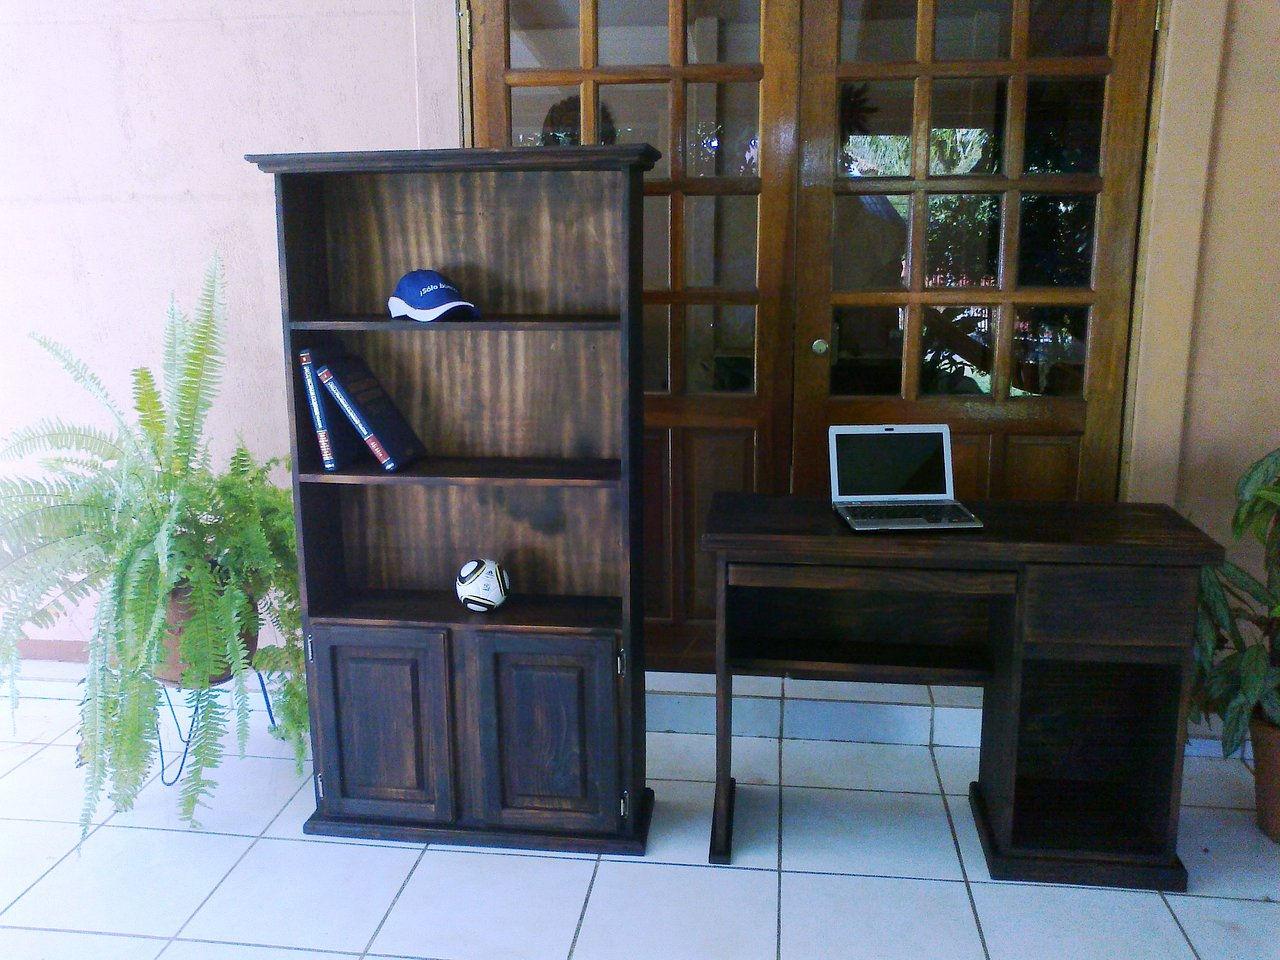 Merkamuebles comodidad y confort - Merkamueble catalogo 2011 ...